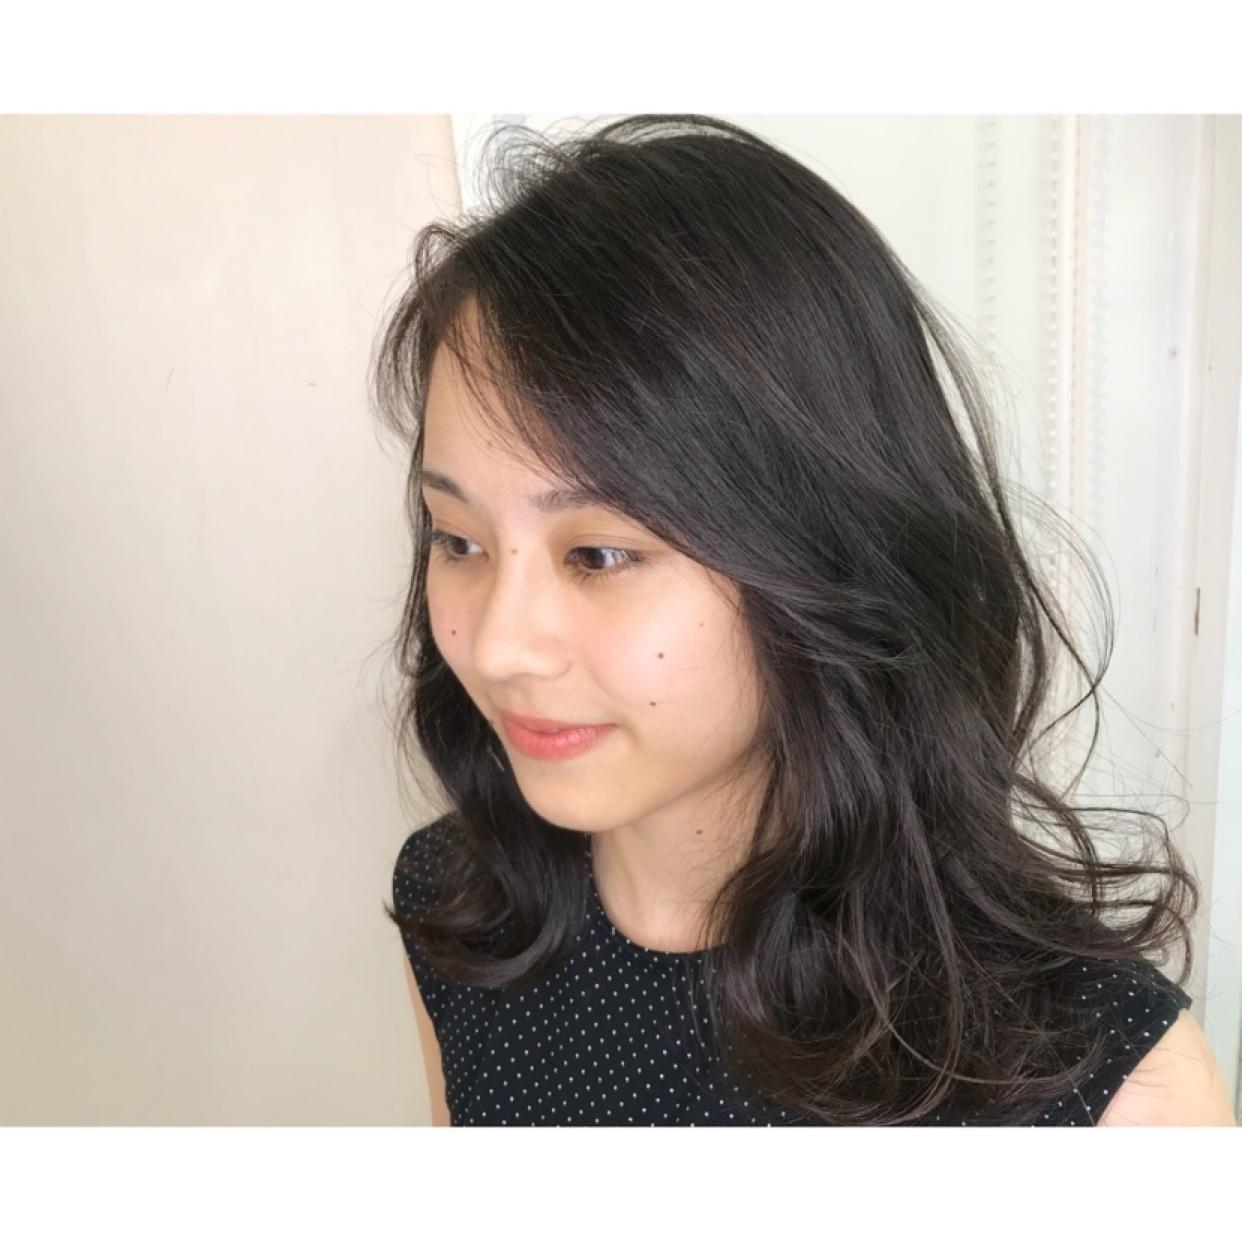 レイヤーふんわりスタイル♡   黒髪だと重たい印象になってしまいますが、 レイヤーを入れ、エアリー感を出して ふんわり女性らしいやわらかい印象に…💐   巻き髪スタイル、レイヤー必須❣️     #toniguy#toniandguy #toniguyebisu #ebisu#shibuya #layerd #トニガイ#トニーアンドガイ #トニガイ恵比寿 #恵比寿#恵比寿美容室 #ミディアム#レイヤー #恵比寿女子#大人女子 #撮影#撮影モデル